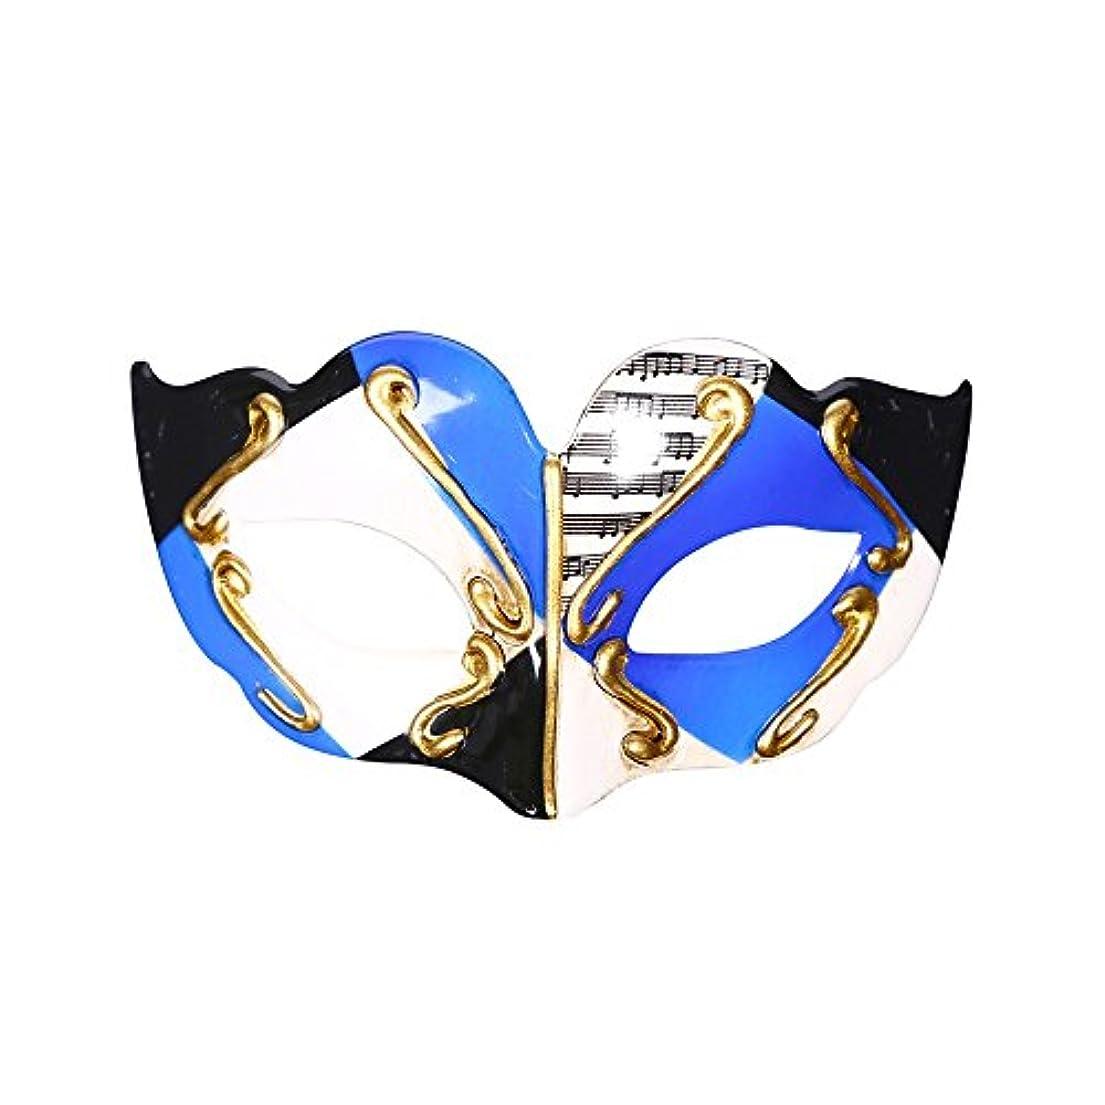 バクテリアジャグリング赤字ハロウィーン仮面舞踏会マスクフラットヘッド半顔ハードプラスチック子供のマスク (Color : A)